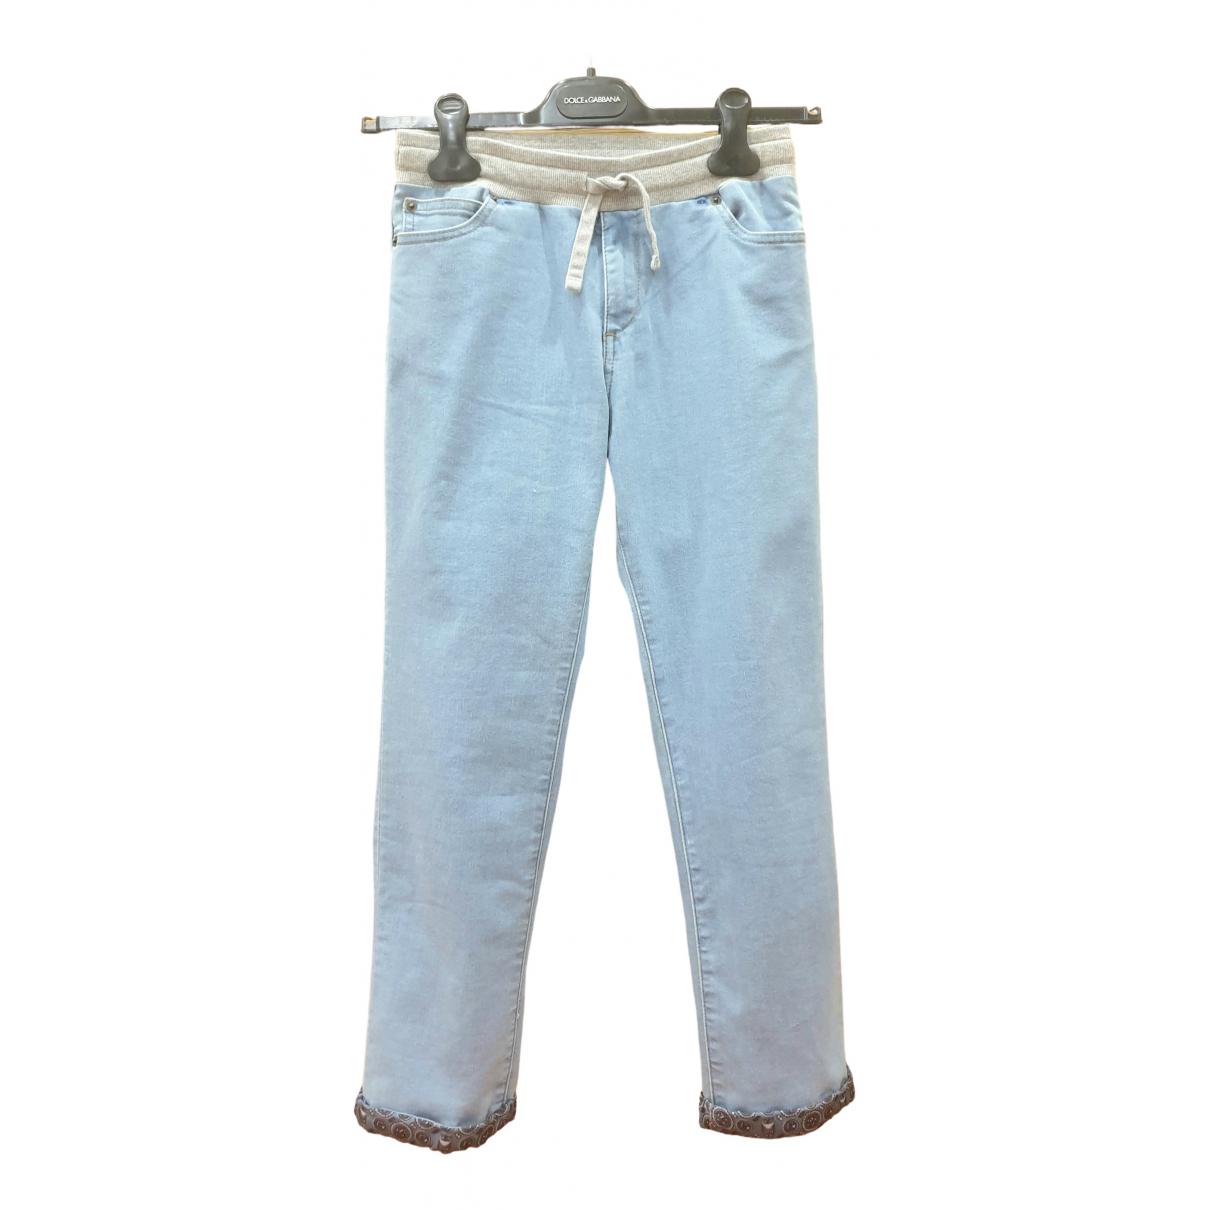 Dolce & Gabbana - Pantalon   pour enfant en coton - bleu